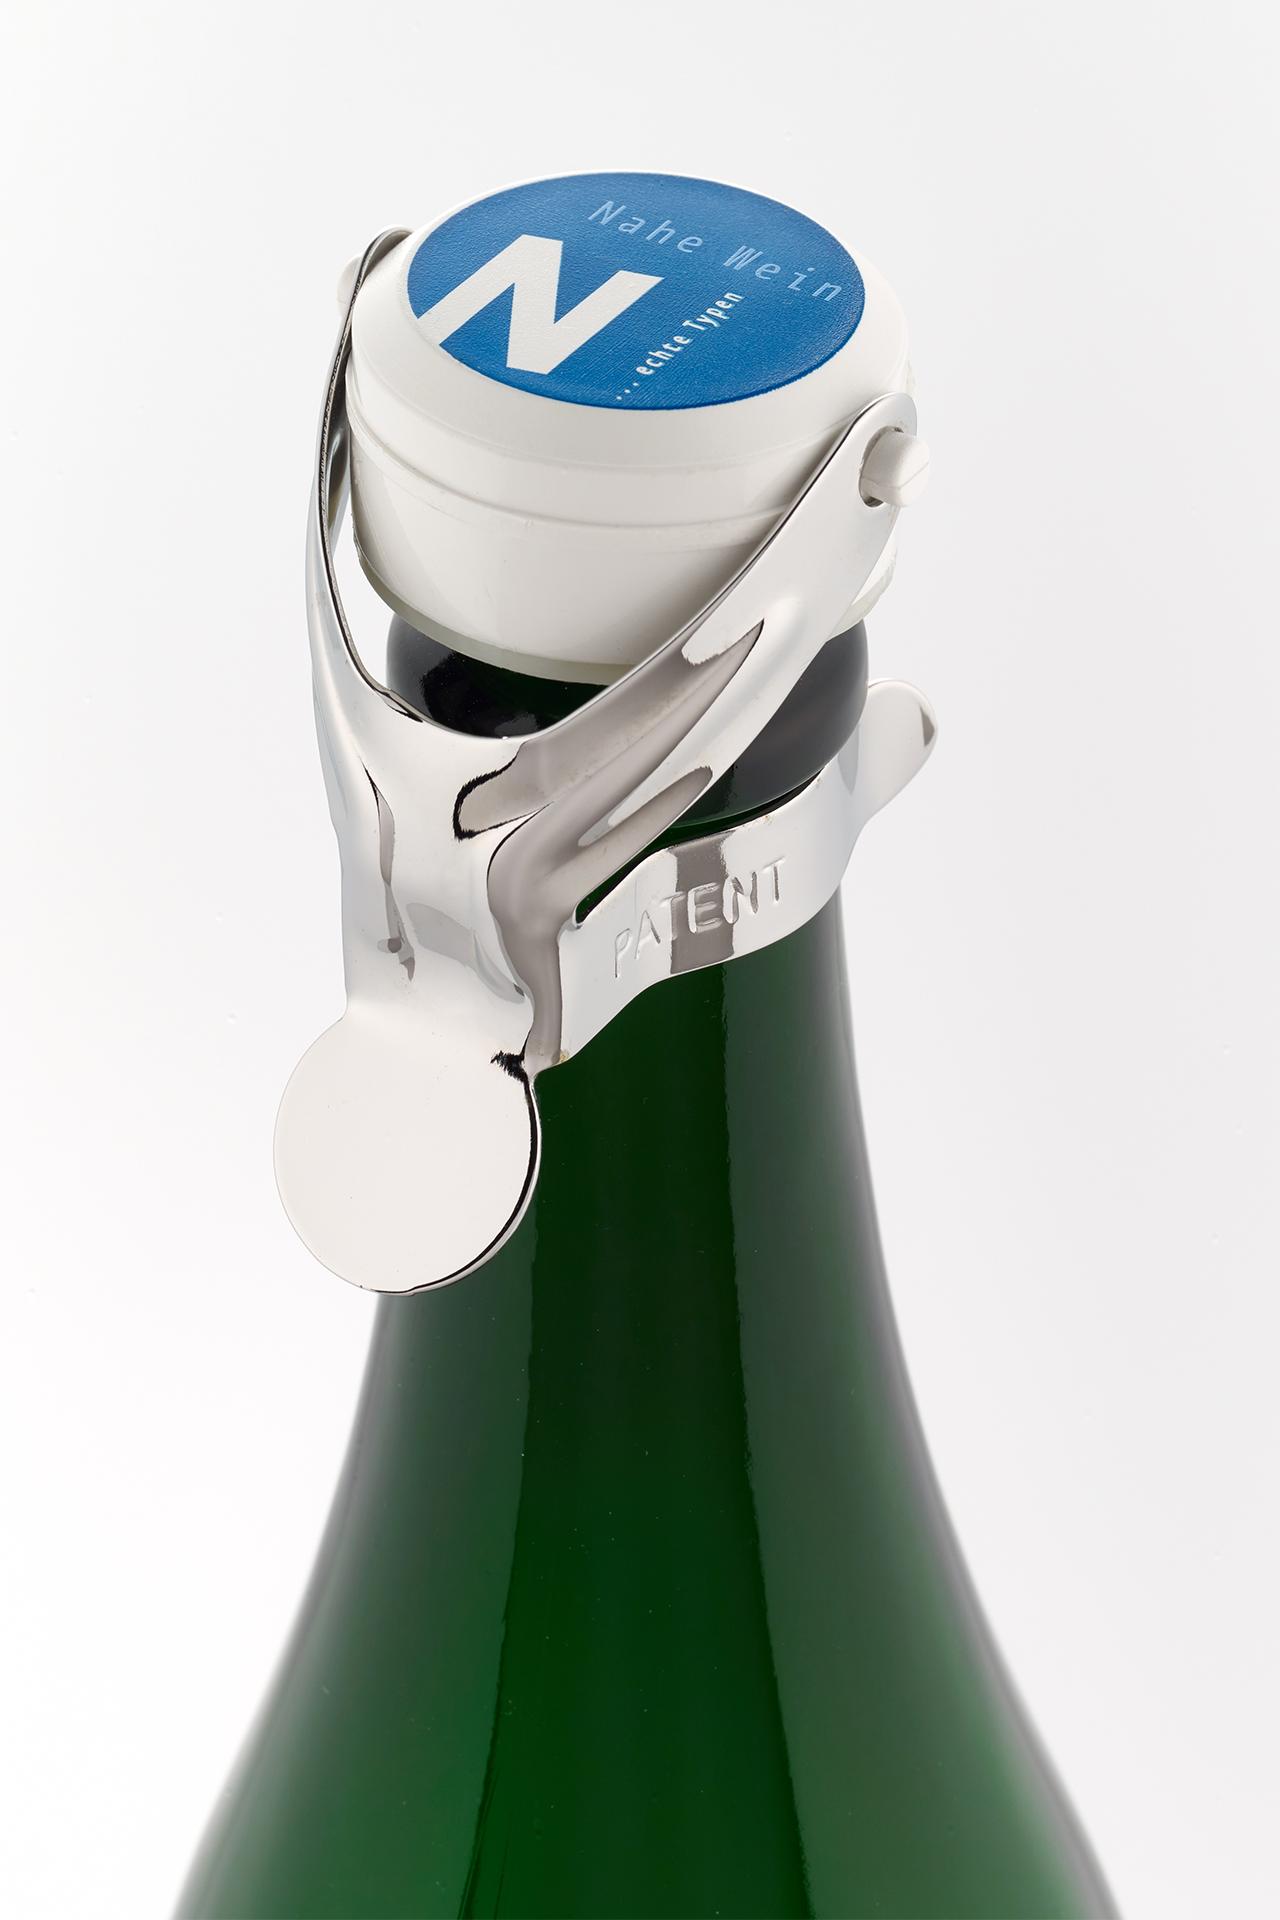 Sektflaschenverschluss 'Nahe Wein ...echte Typen'